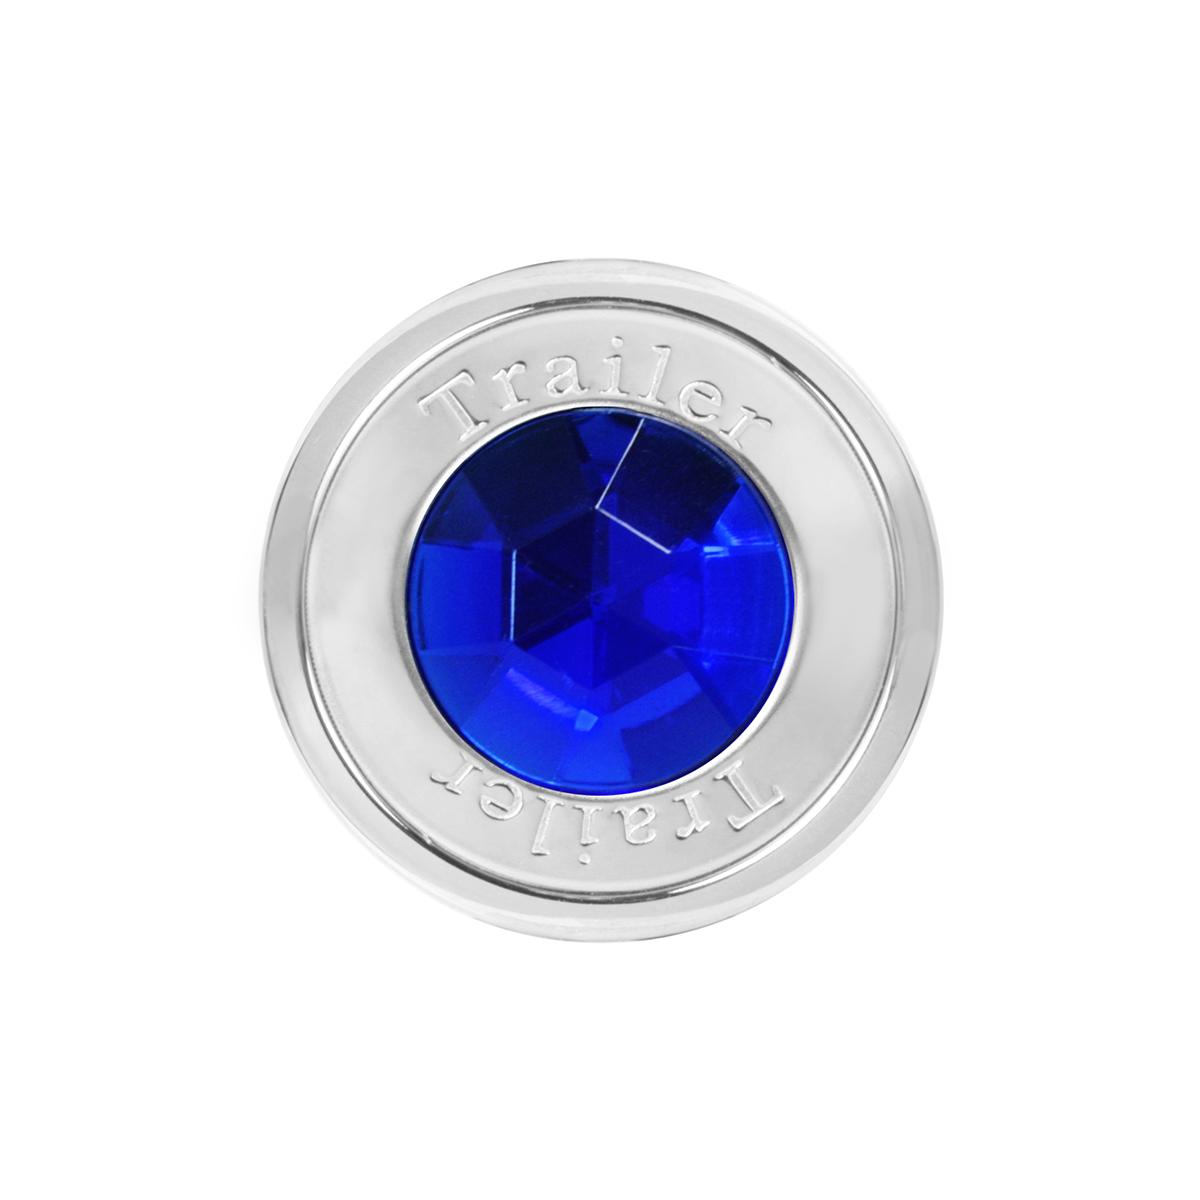 95821 Trailer Air Control Knob w/ Blue Crystal